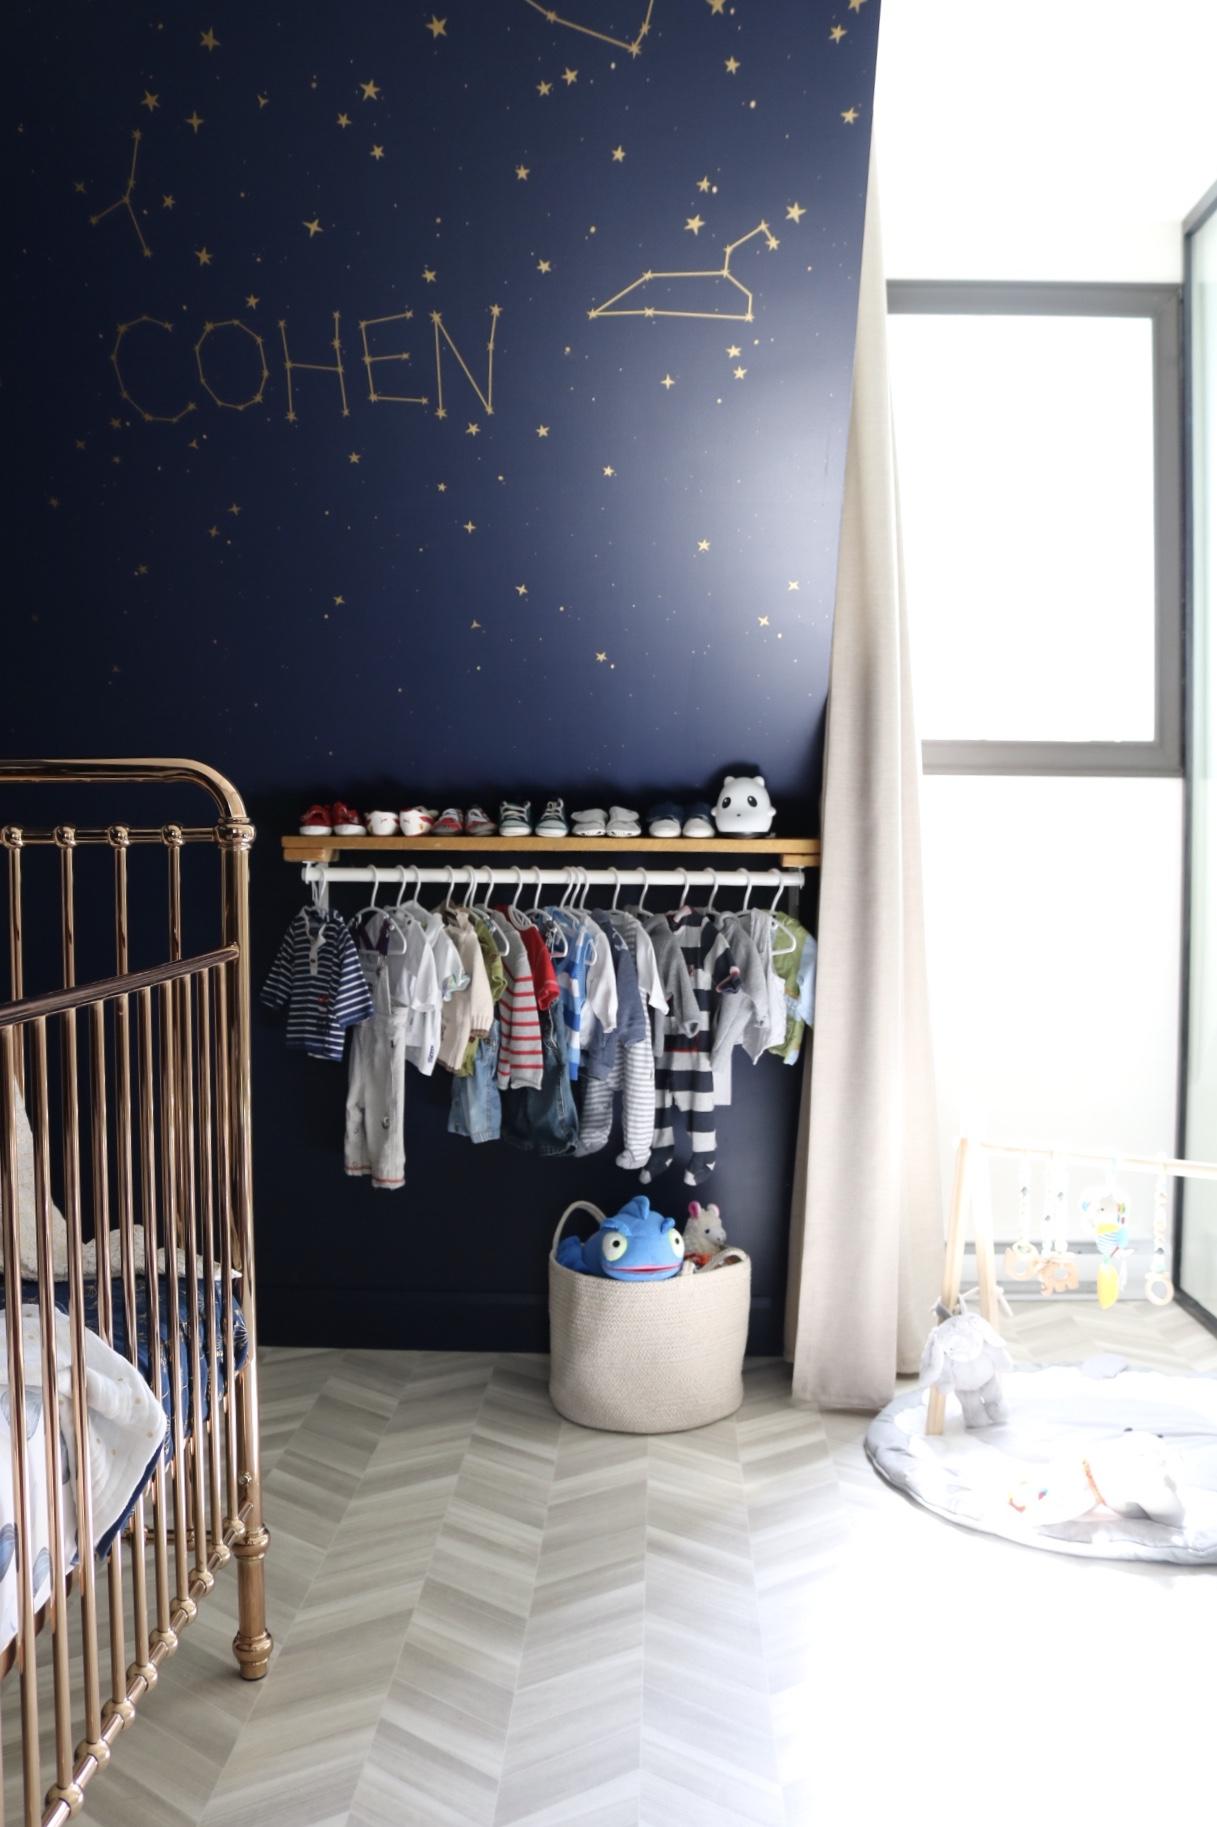 Réalisation design d'intérieur résidentielle La nocturne chambre bébé autocollant mural ETC 2019